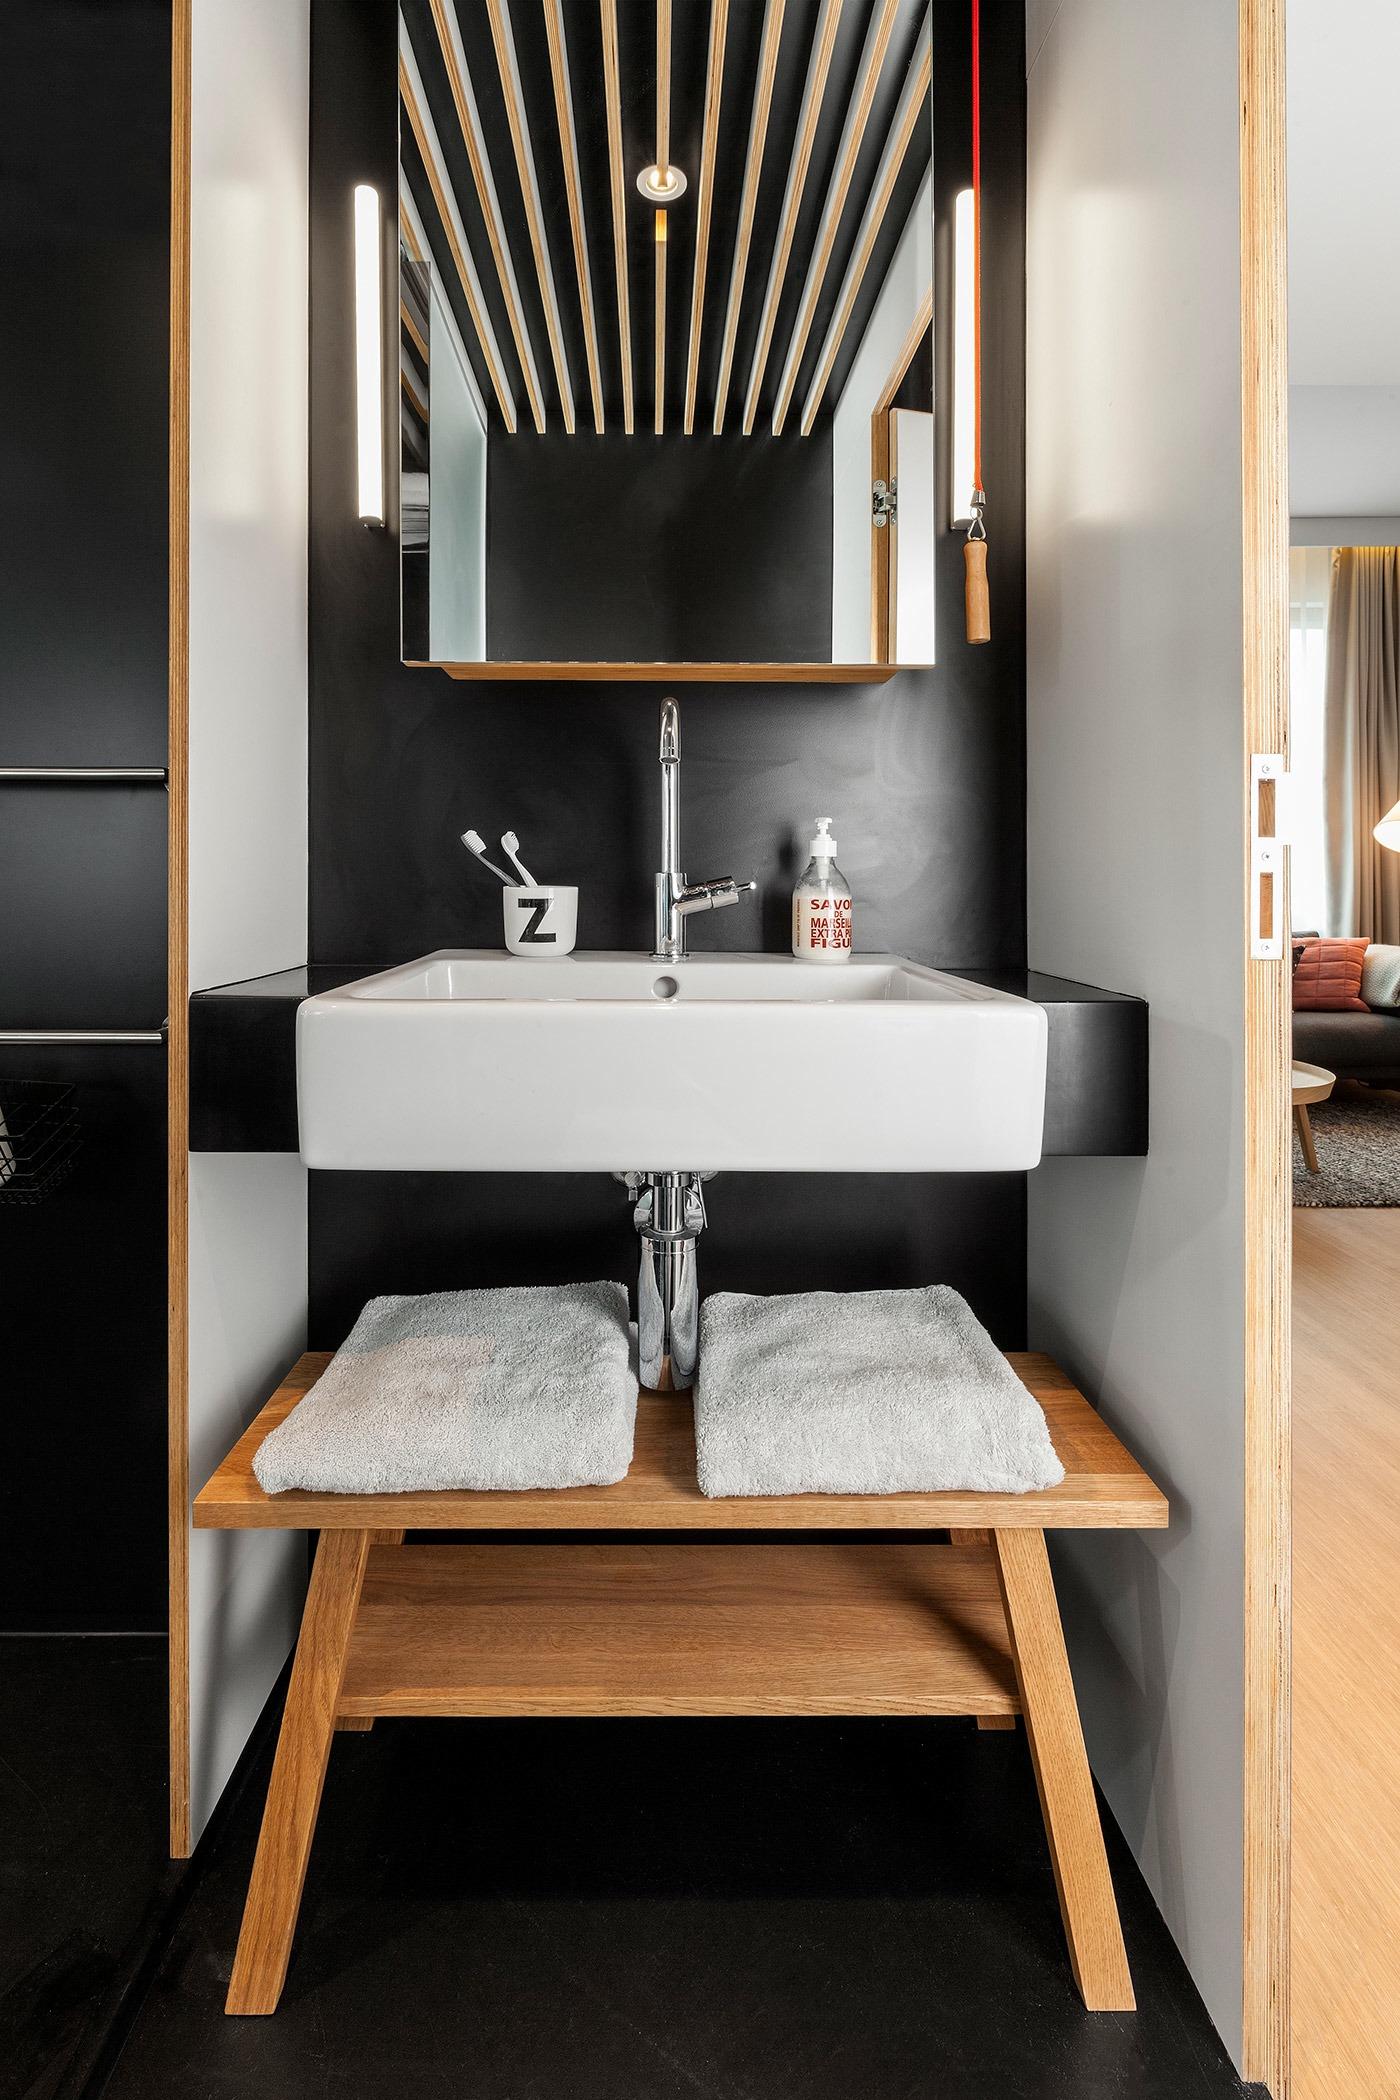 Маленький туалетный столик в чёрно-белом исполнении